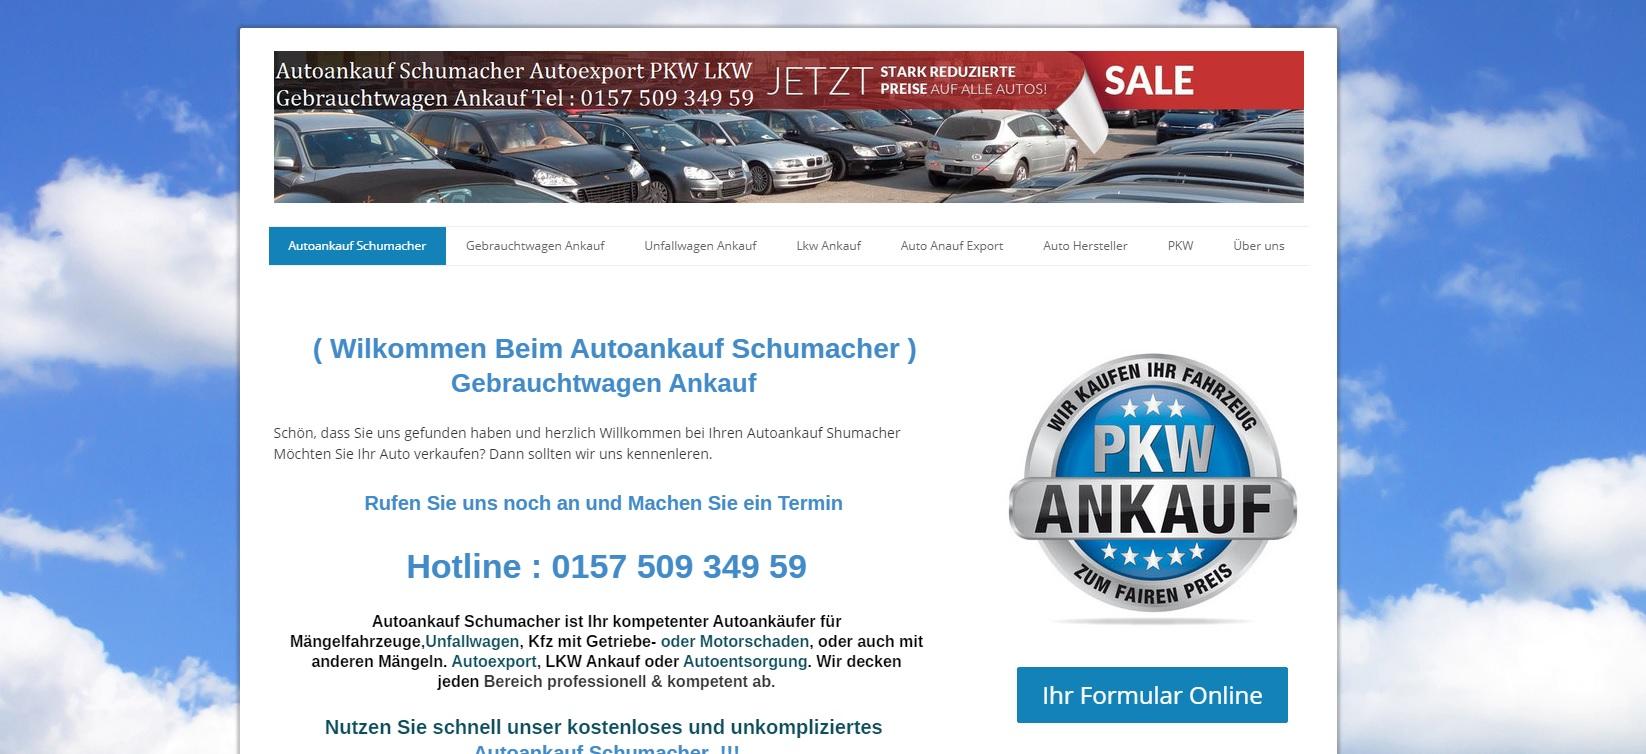 autoankauf-schumacher.de - Autoankauf Siegen